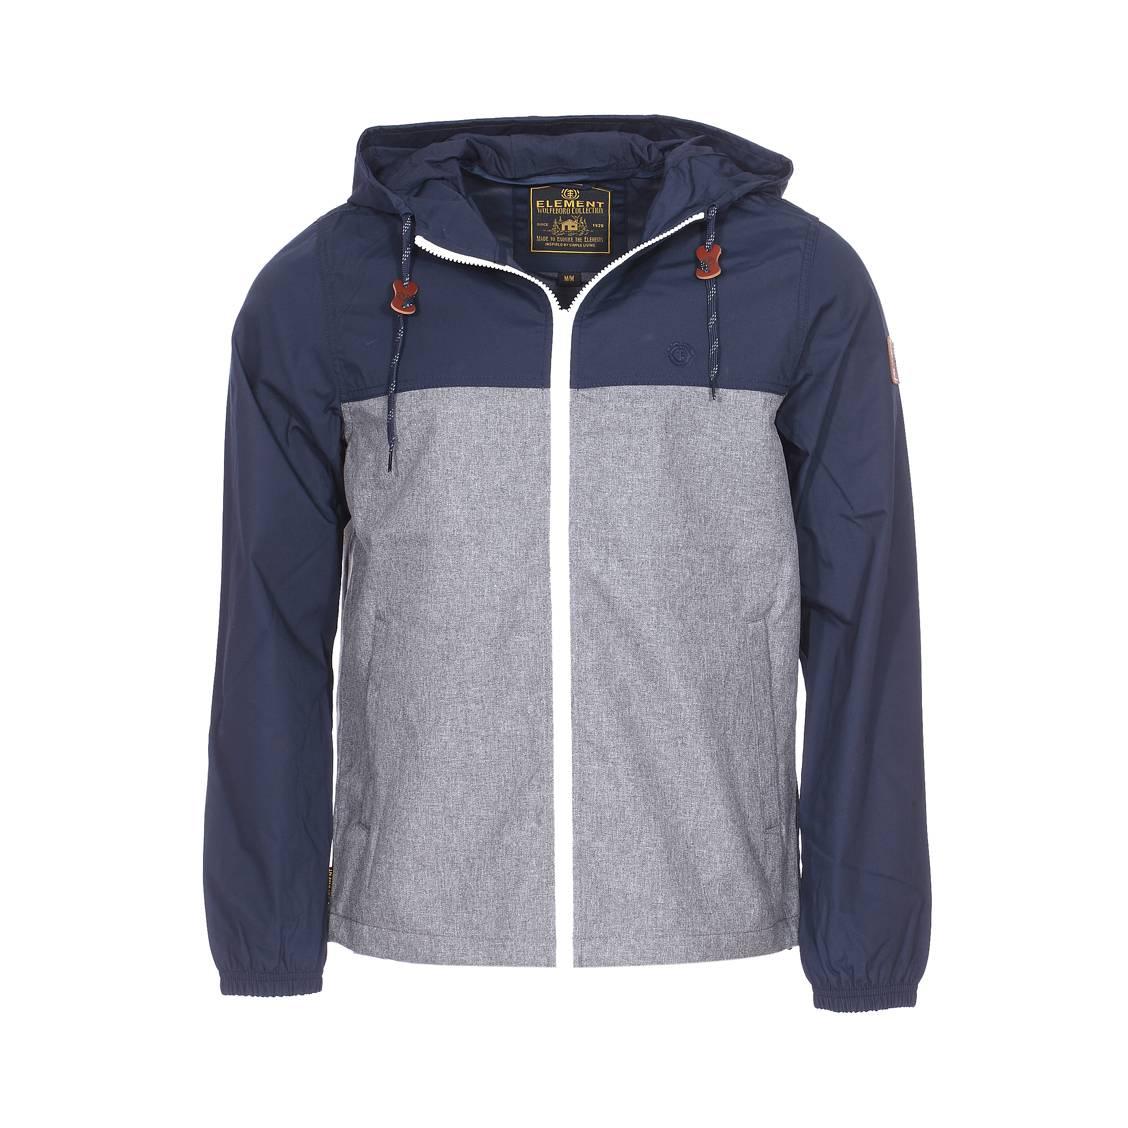 Blouson zippé à capuche  alder bicolore bleu marine et gris chiné